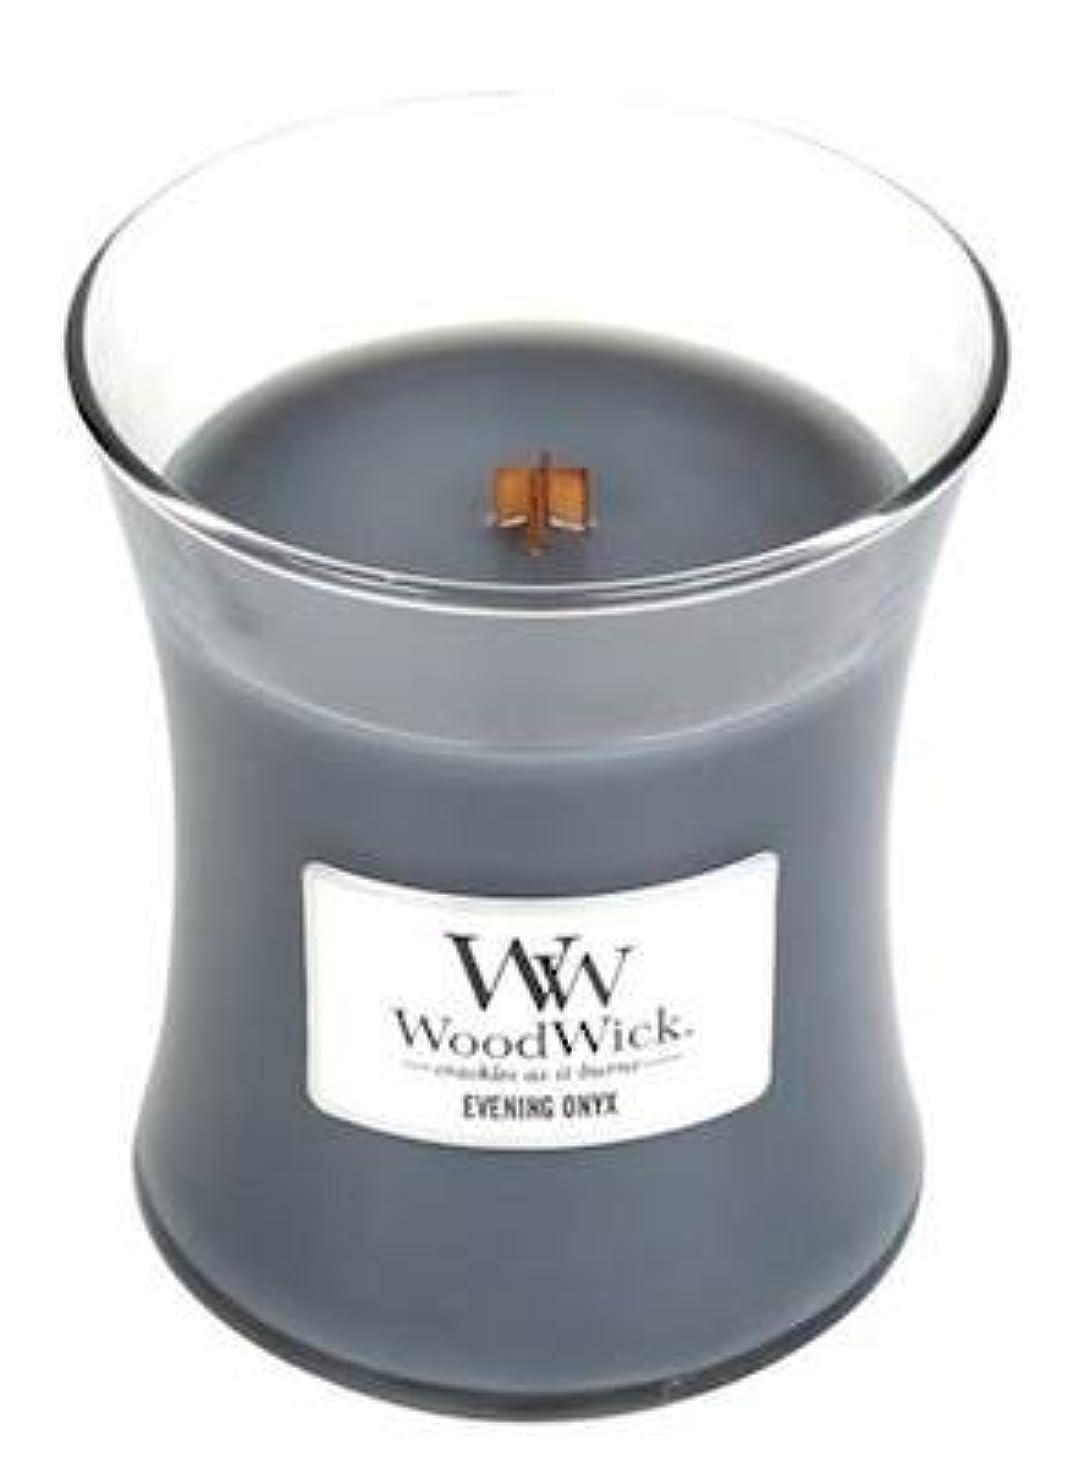 顎時系列胸イブニングオニキスWoodWick 10 oz Medium砂時計Jar Candle Burns 100時間